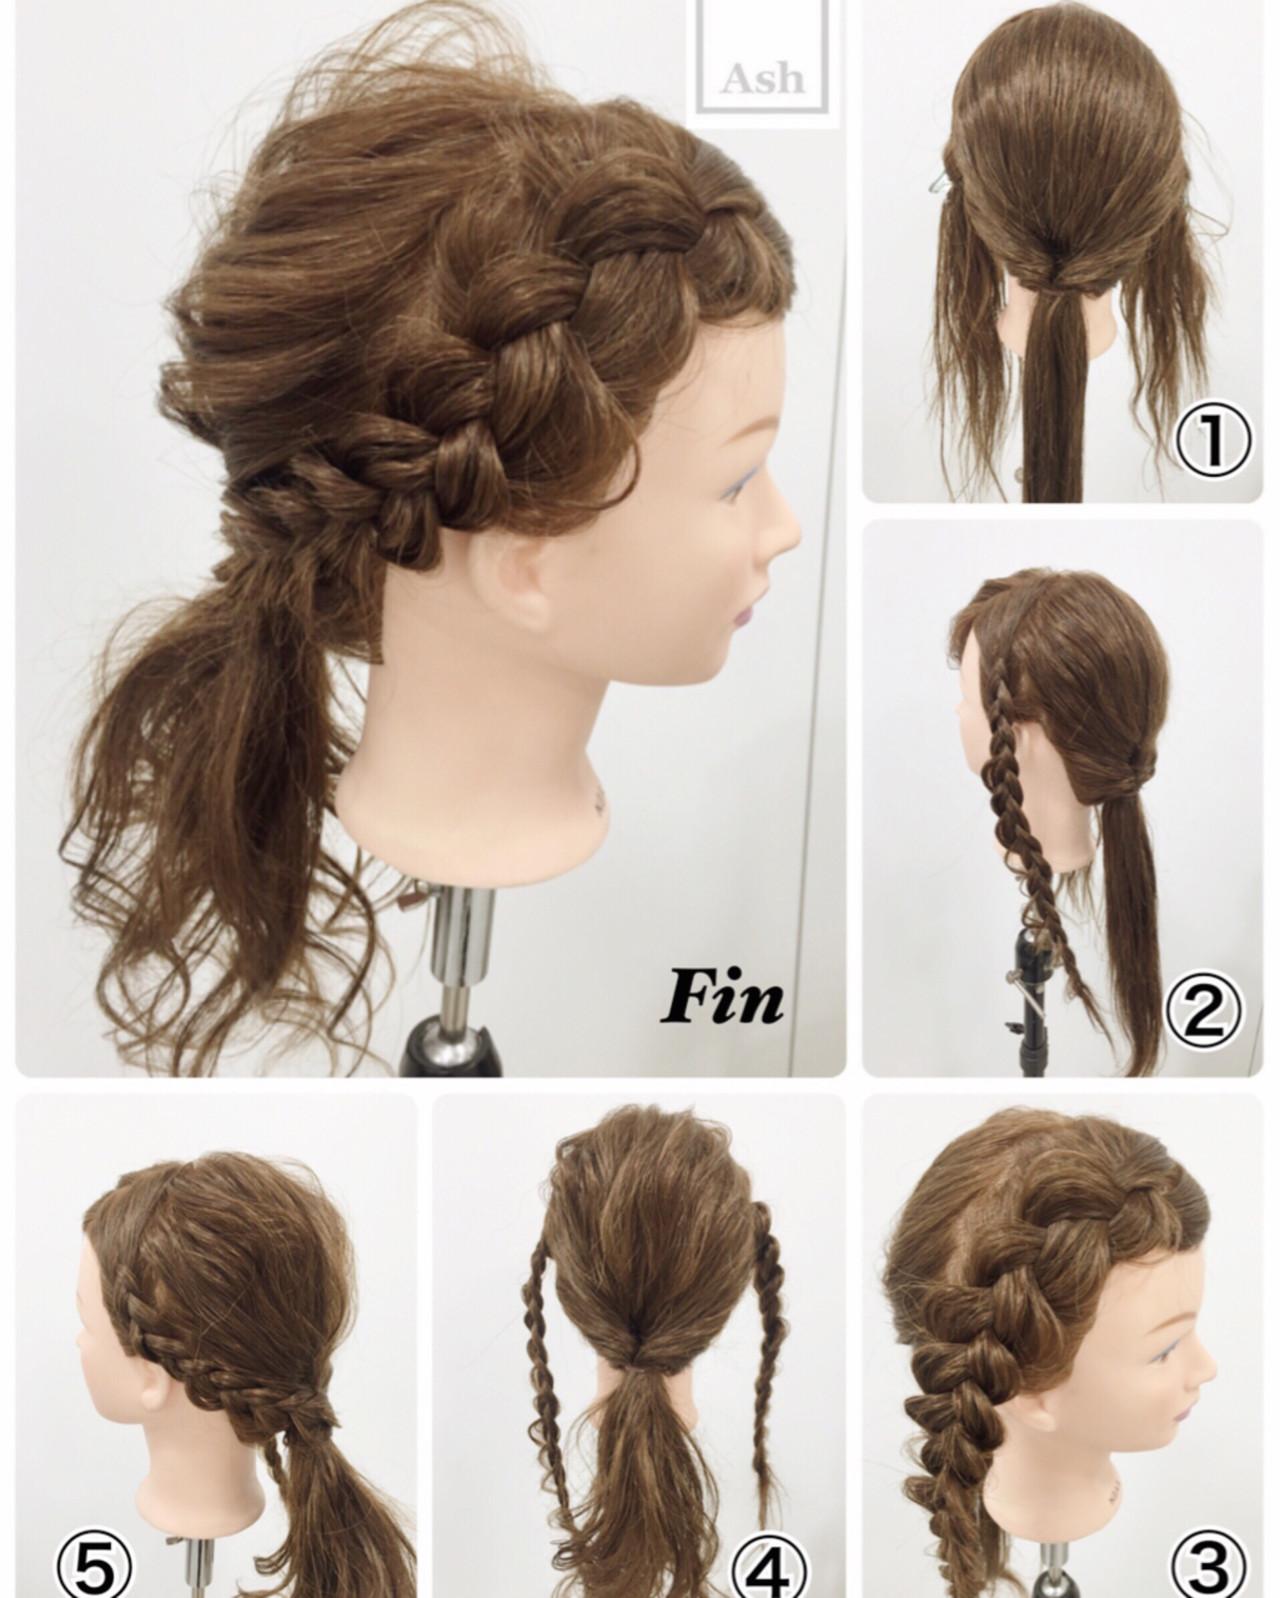 ハーフアップ ヘアアレンジ アッシュ ショート ヘアスタイルや髪型の写真・画像 | 岩田 芳郎 / Ash 渋谷